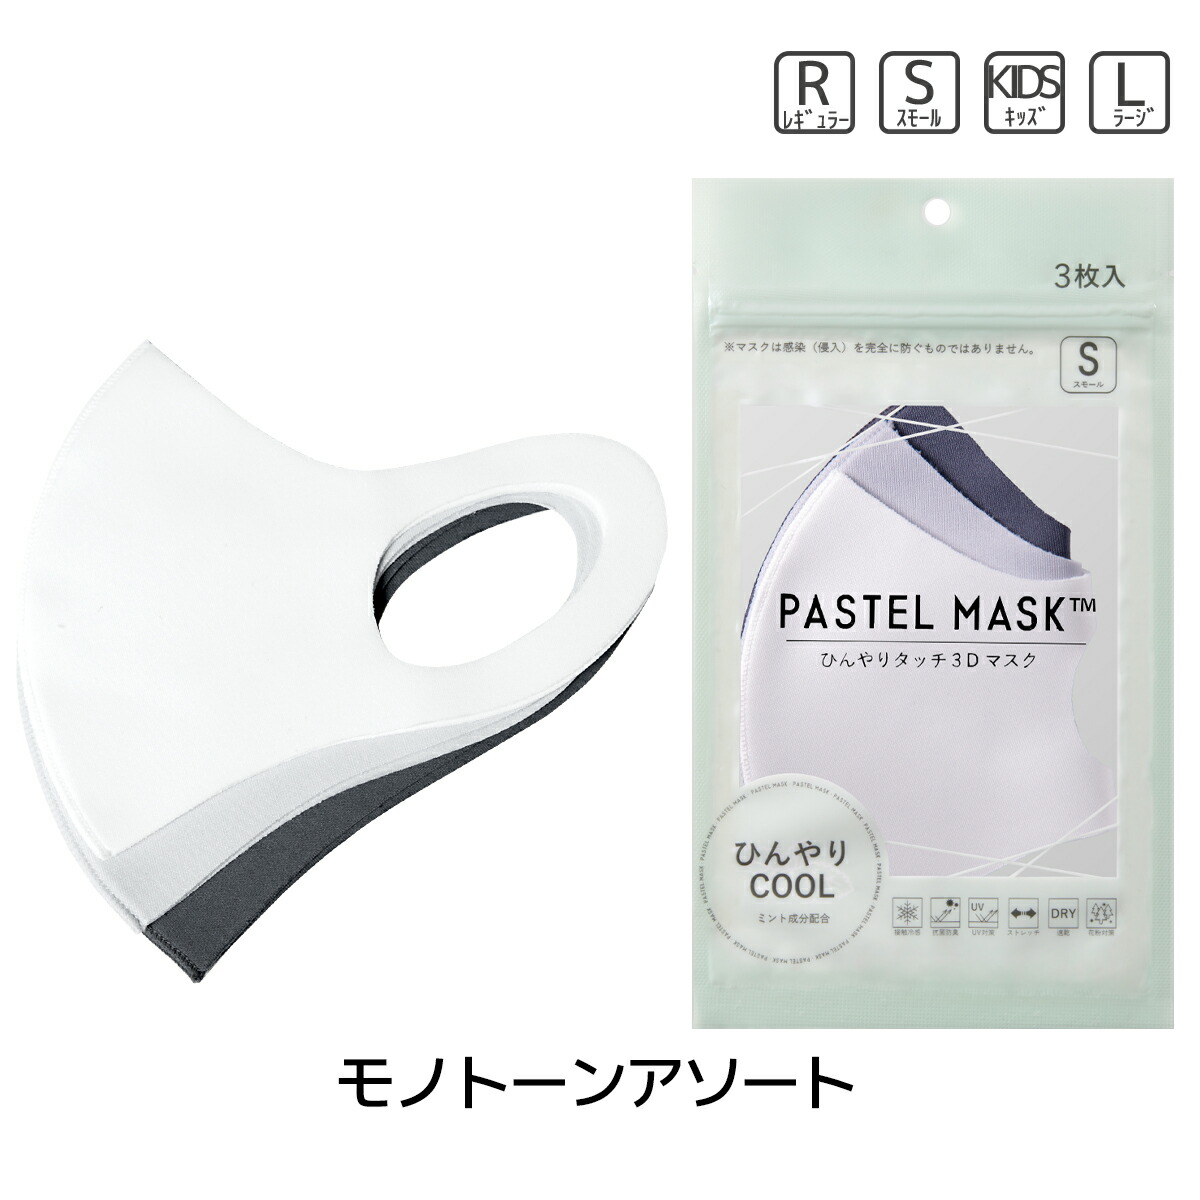 パステルマスク